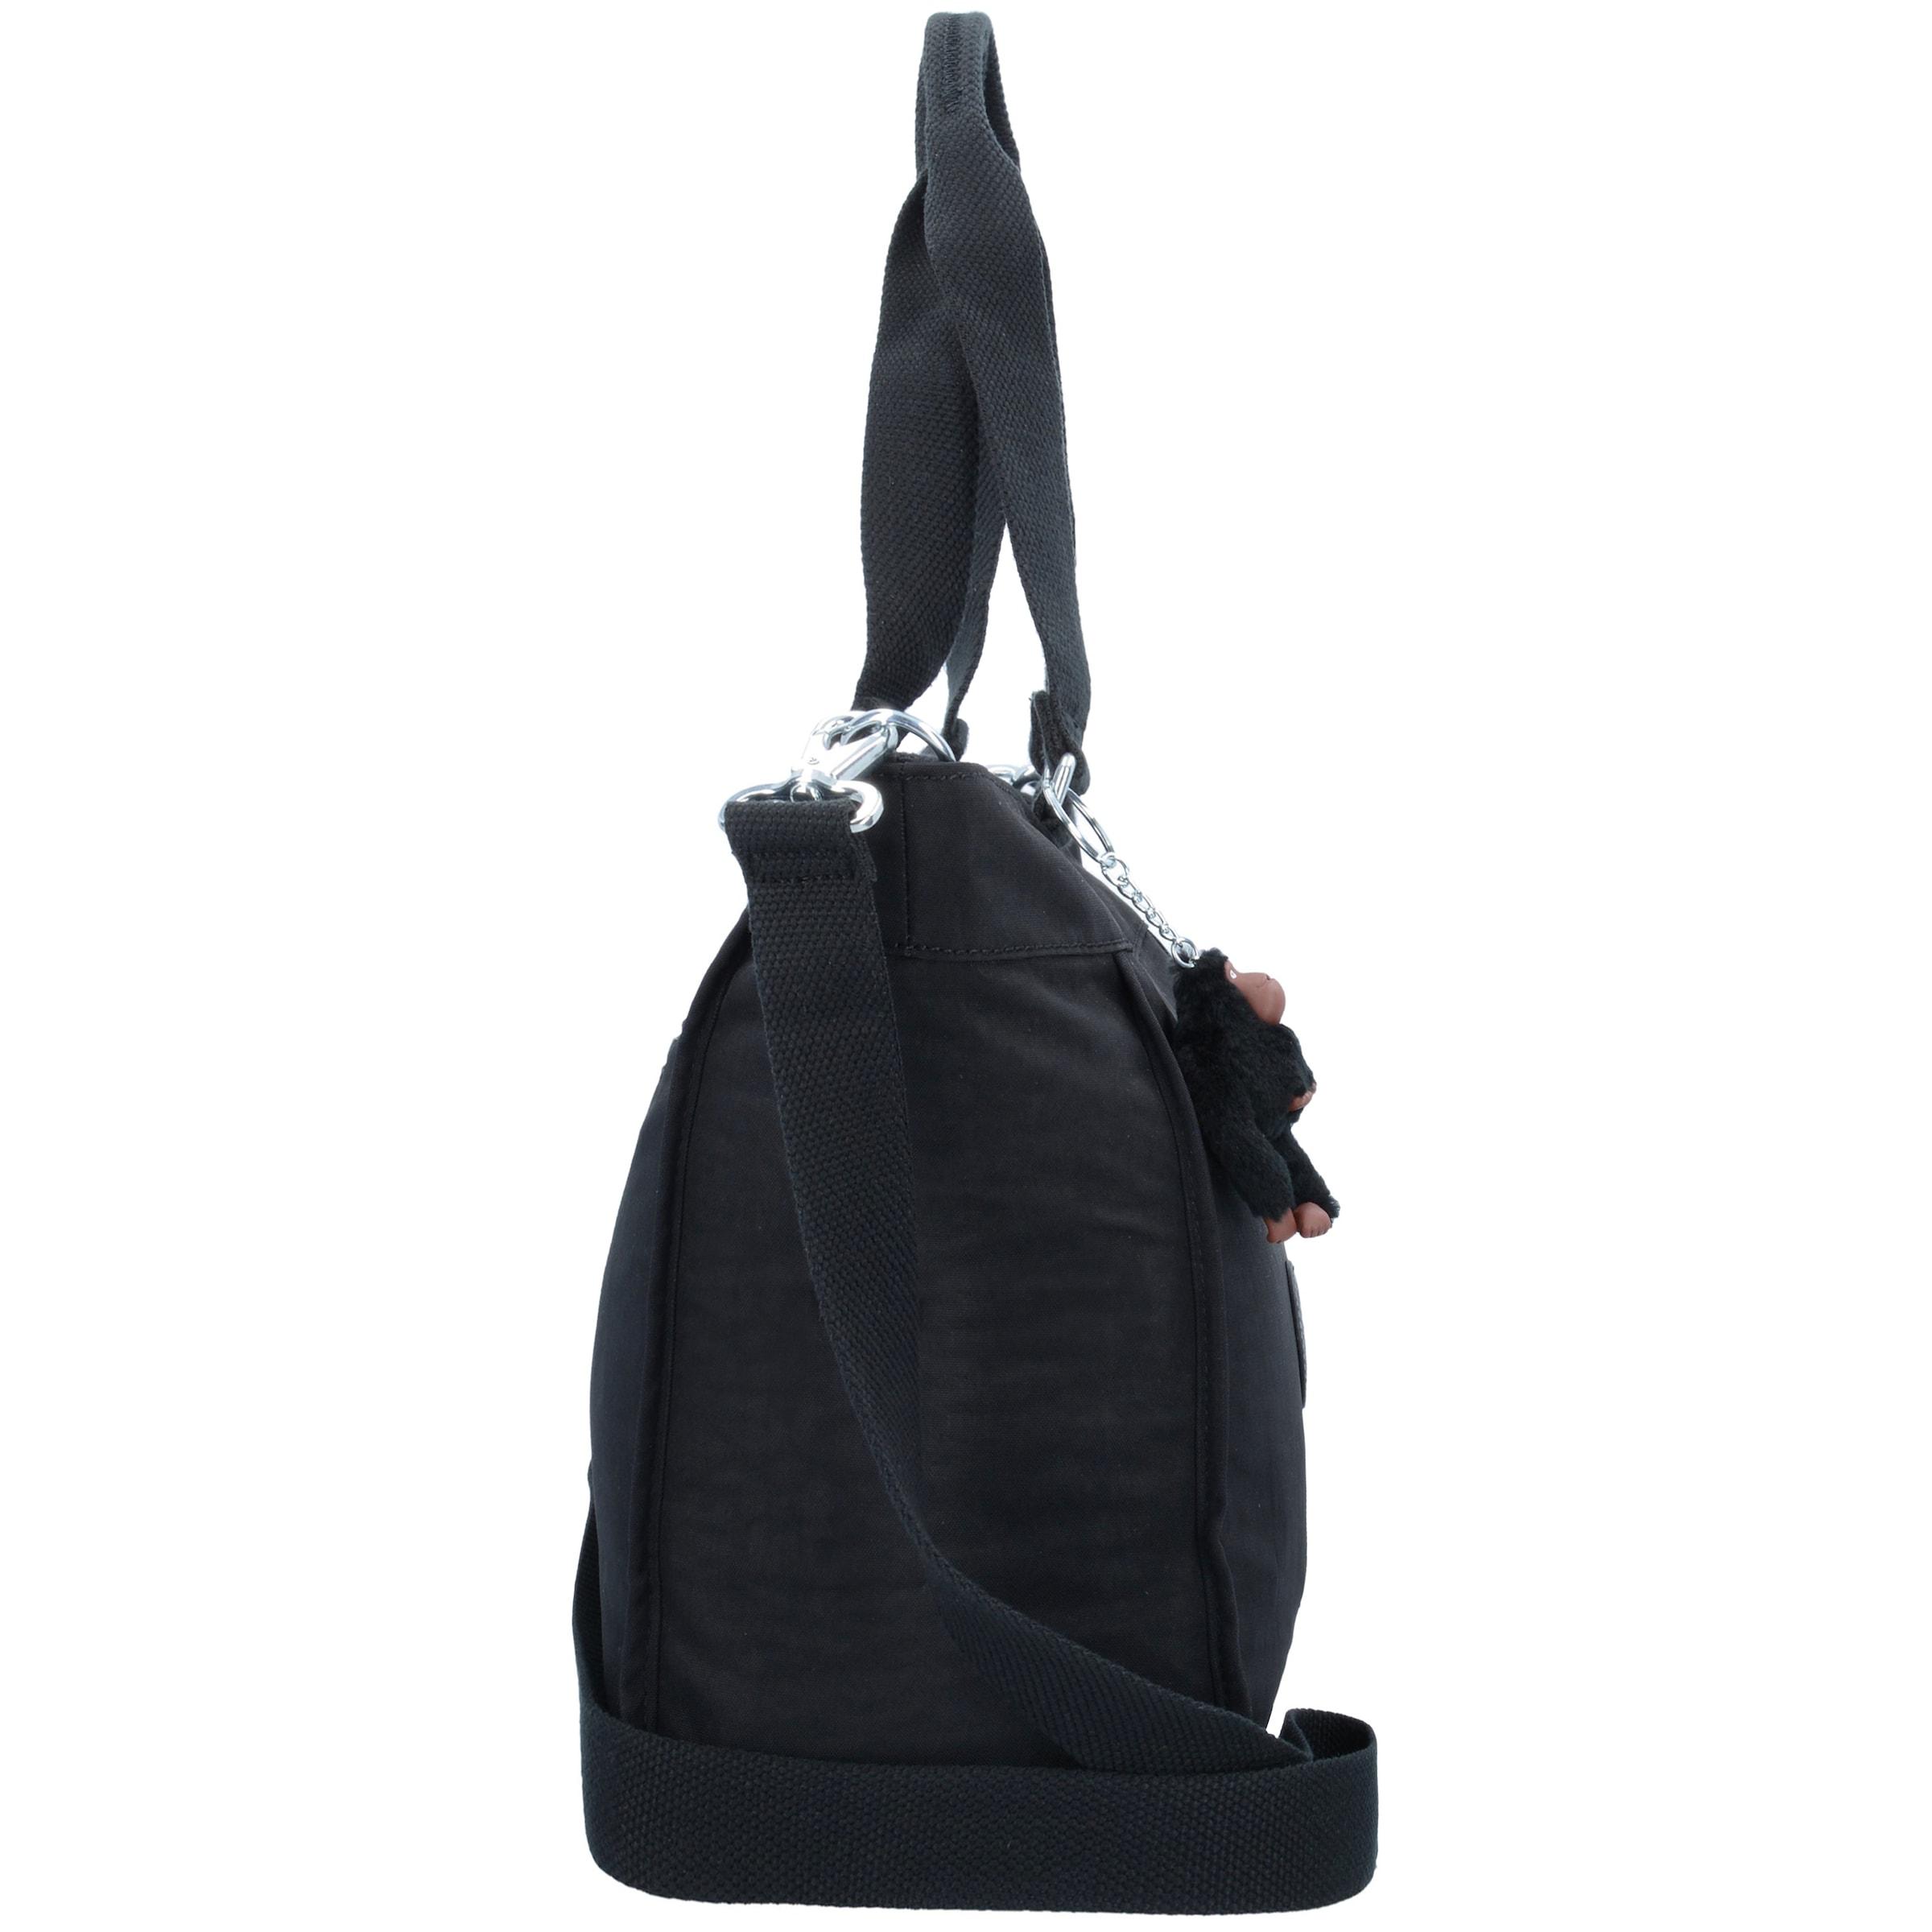 KIPLING Basic New Shopper S 18 Tasche 29 cm Steckdose Modische Spielraum Besuch Freies Verschiffen Countdown-Paket DMGziGS1Y